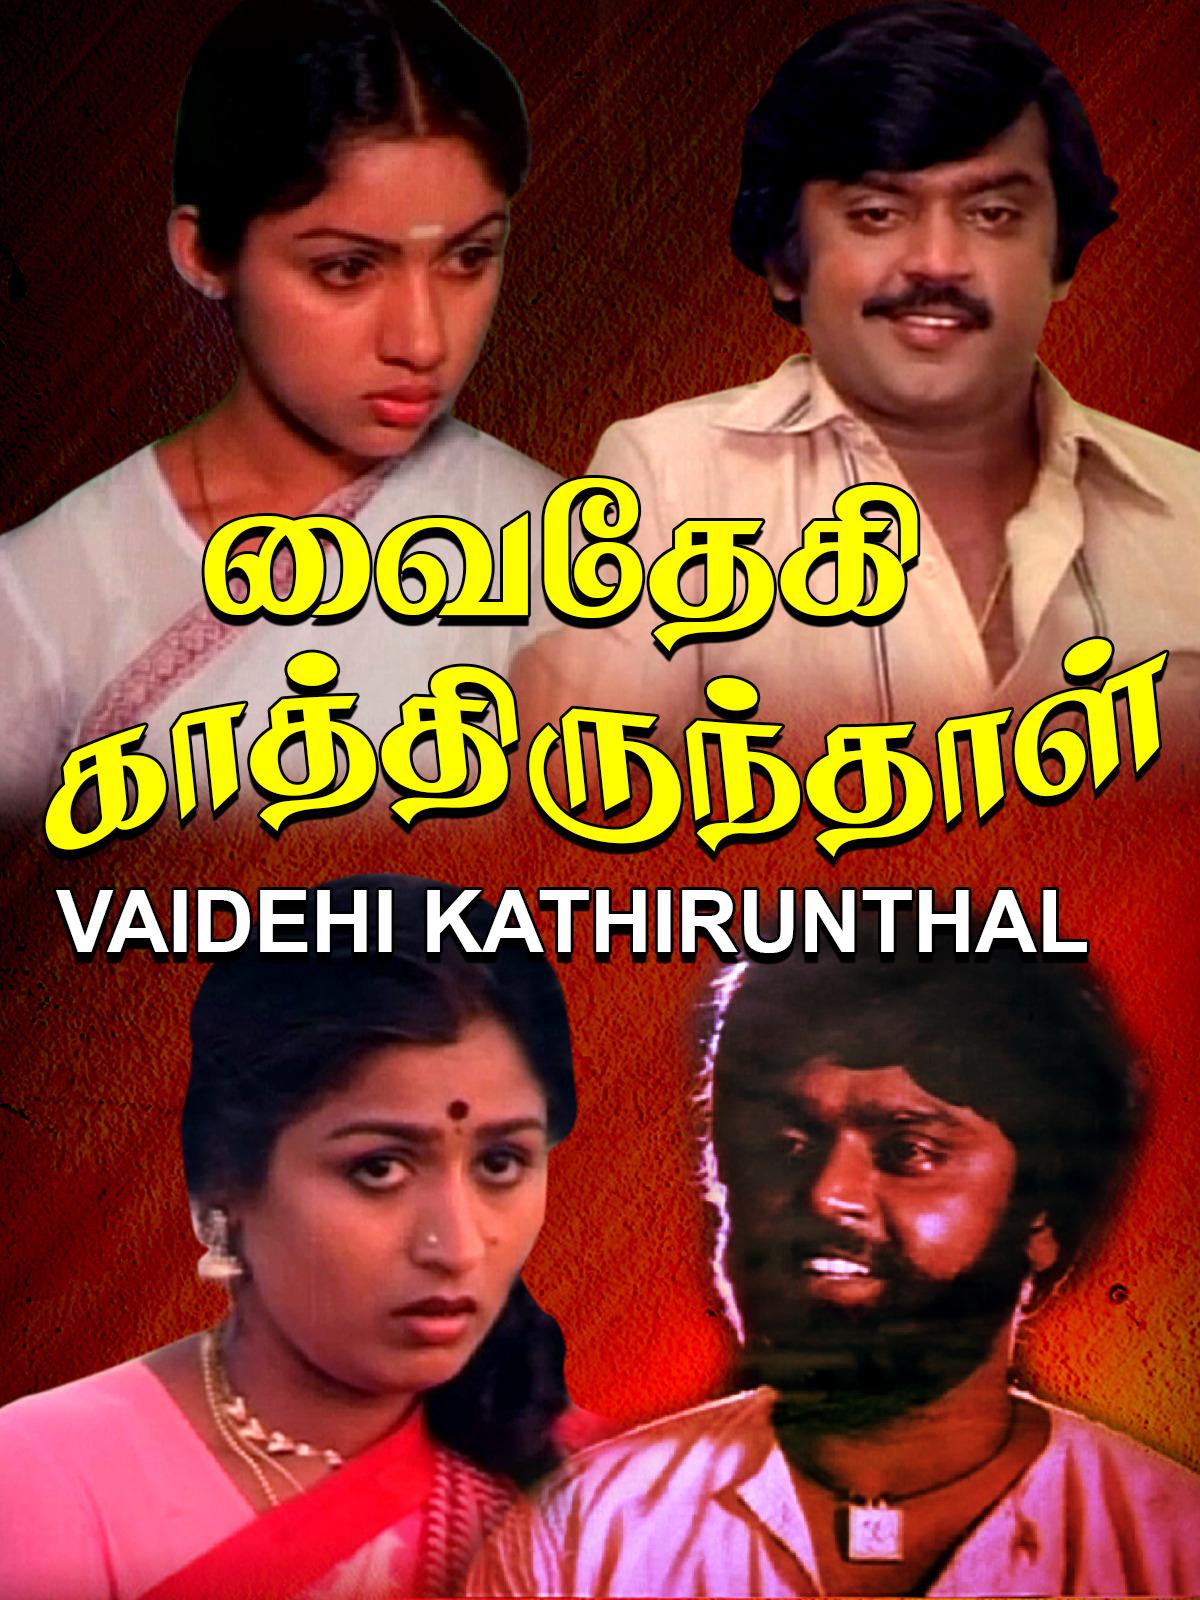 Prime Video: Vaidehi Kathirunthal